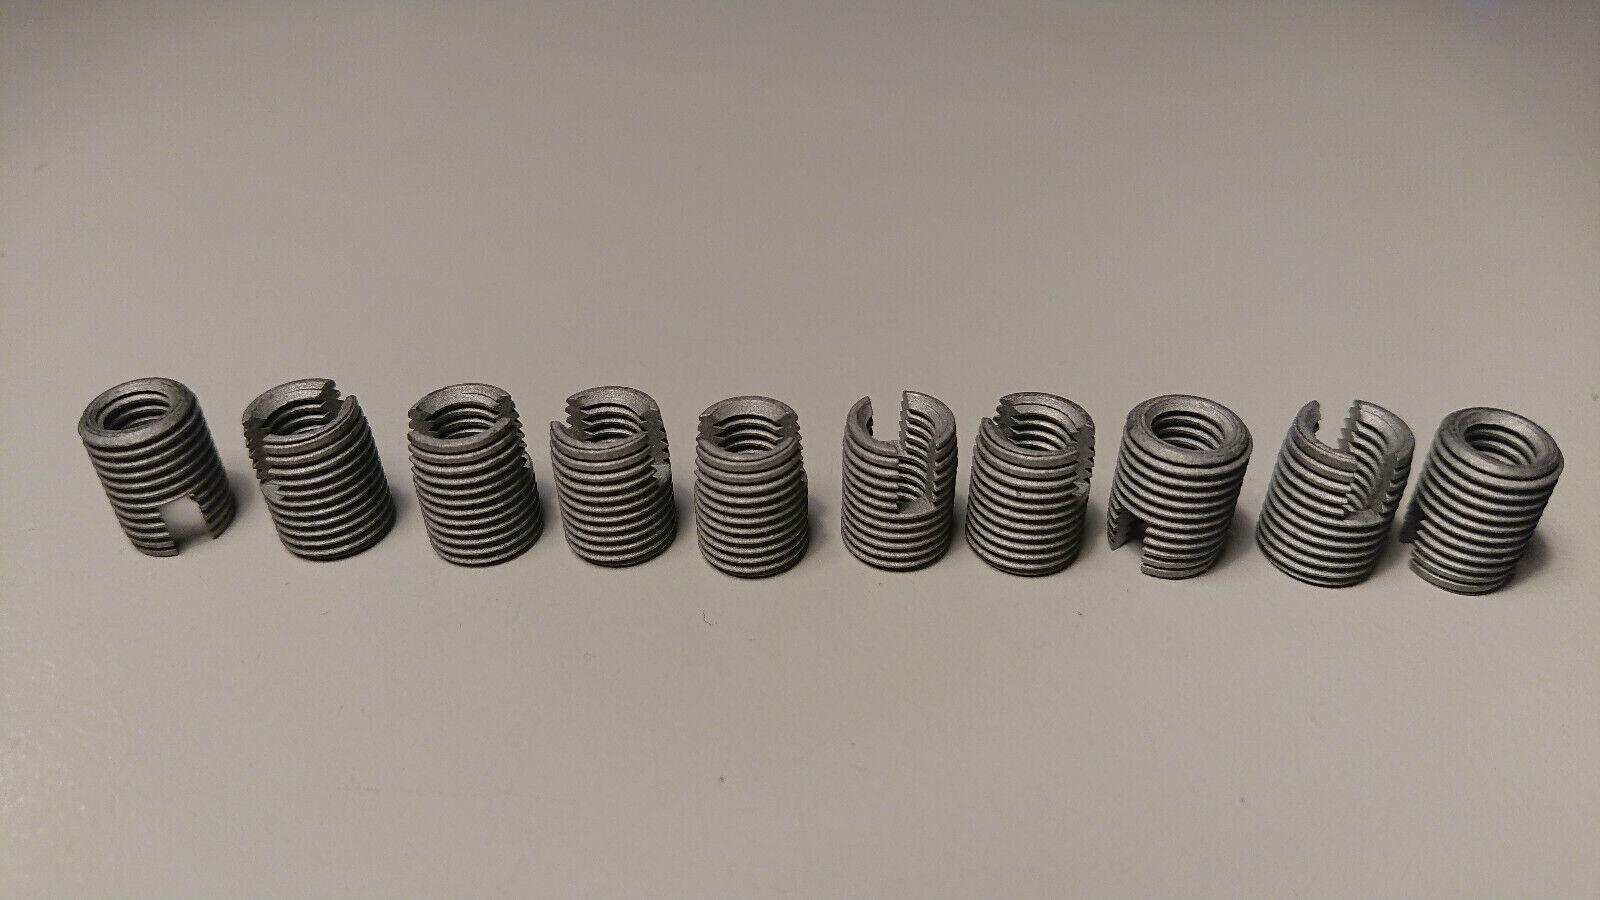 ENSAT-Buchsen Gewindebuchsen Gewindereparatur Gewindeeinsatz M6 x 12-10 Stück